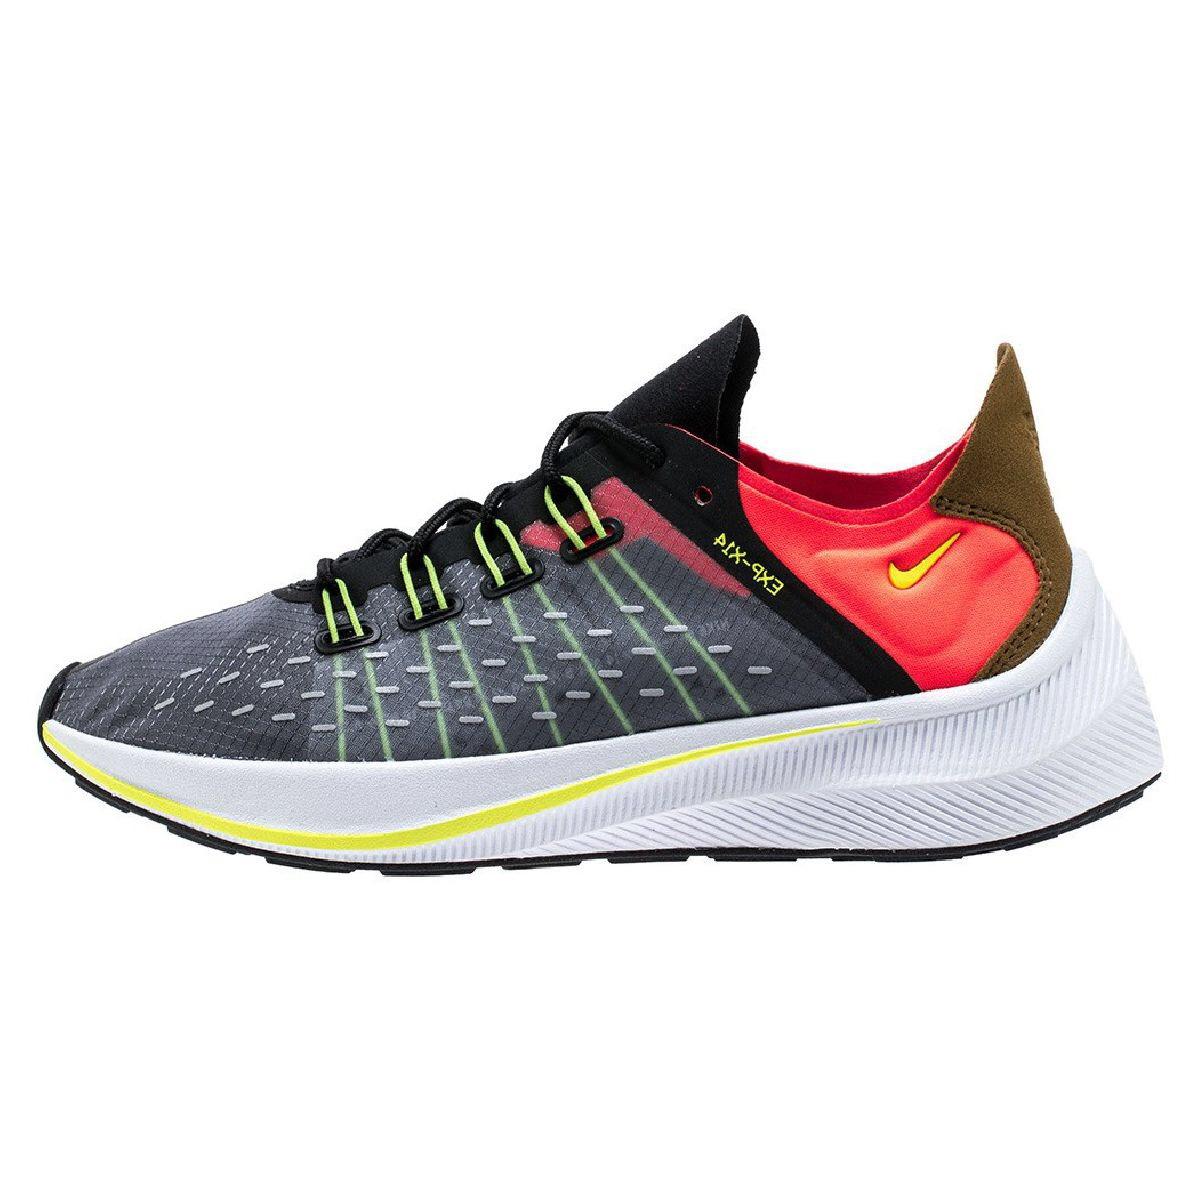 کفش مخصوص دویدن مردانه مدل exp 14 کد ۰۷۹